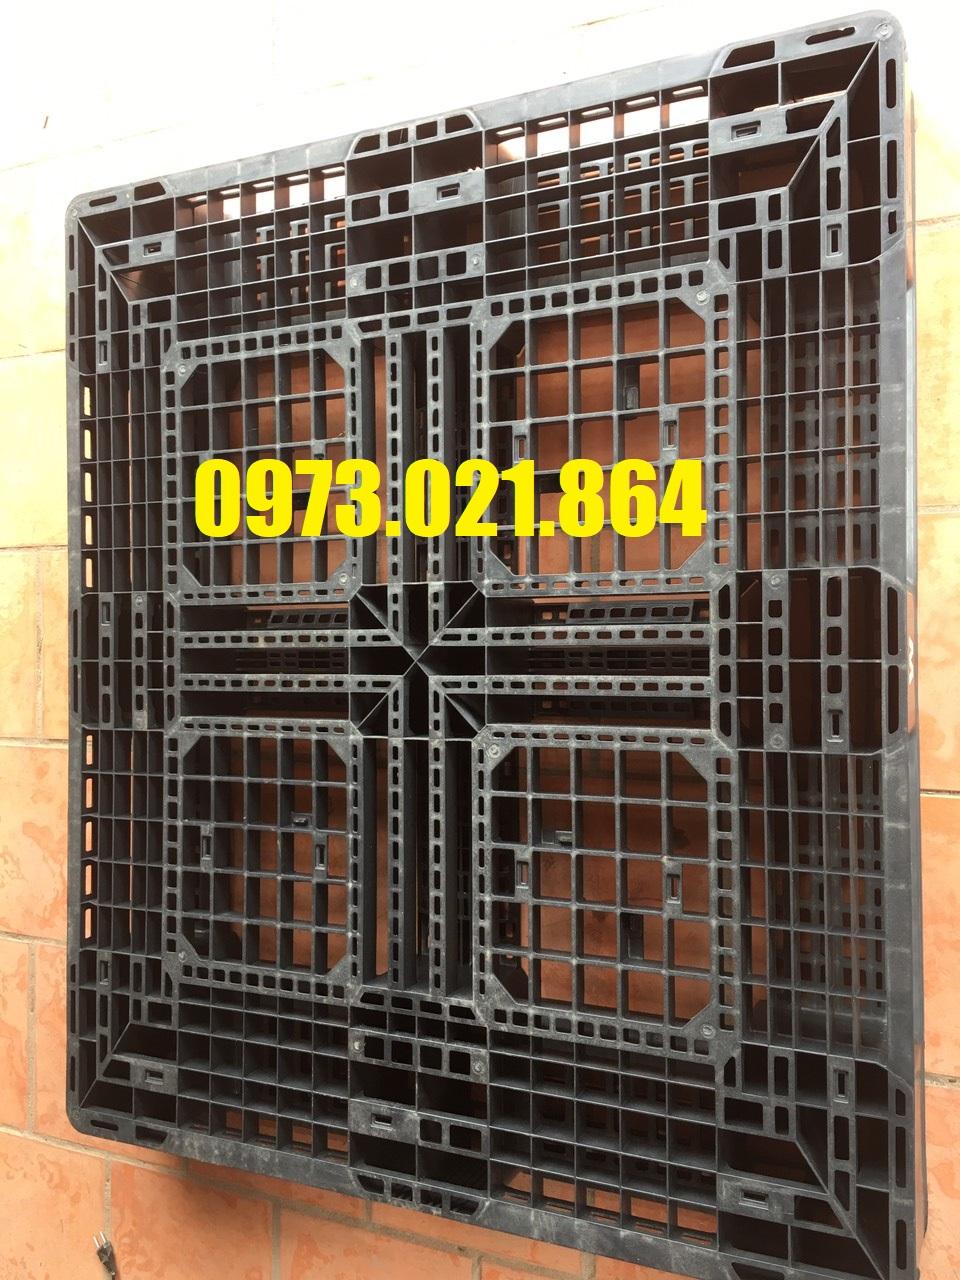 Pallet nhựa cũ tại Đồng Nai giá rẻ cạnh tranh, liên hệ 0973.021.864